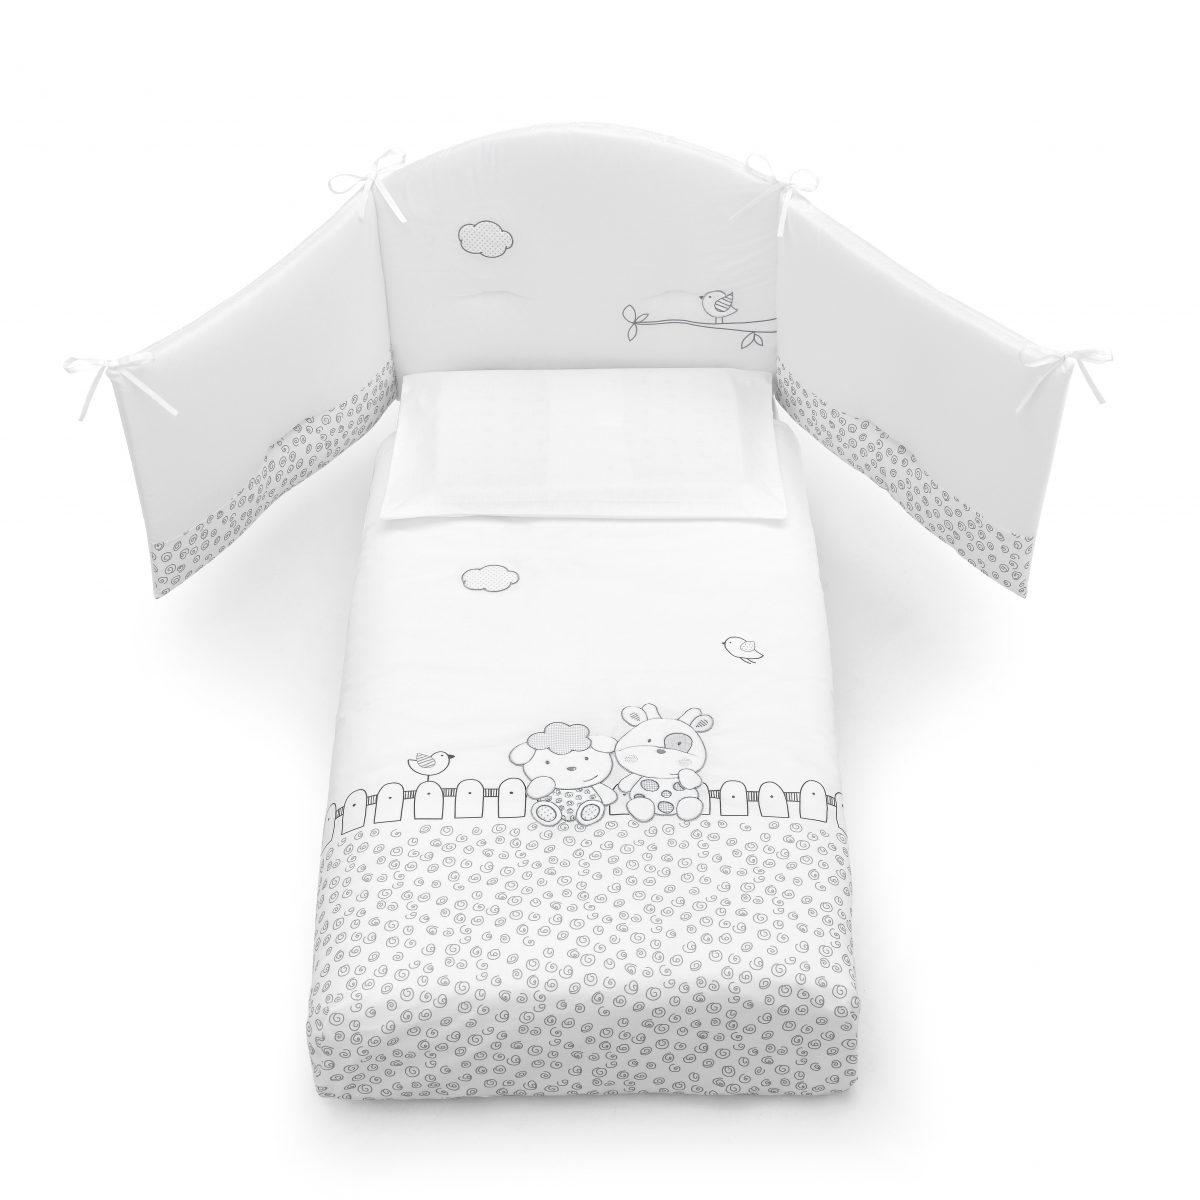 luxusní dětský nábytek - pohádkové textilie Milky